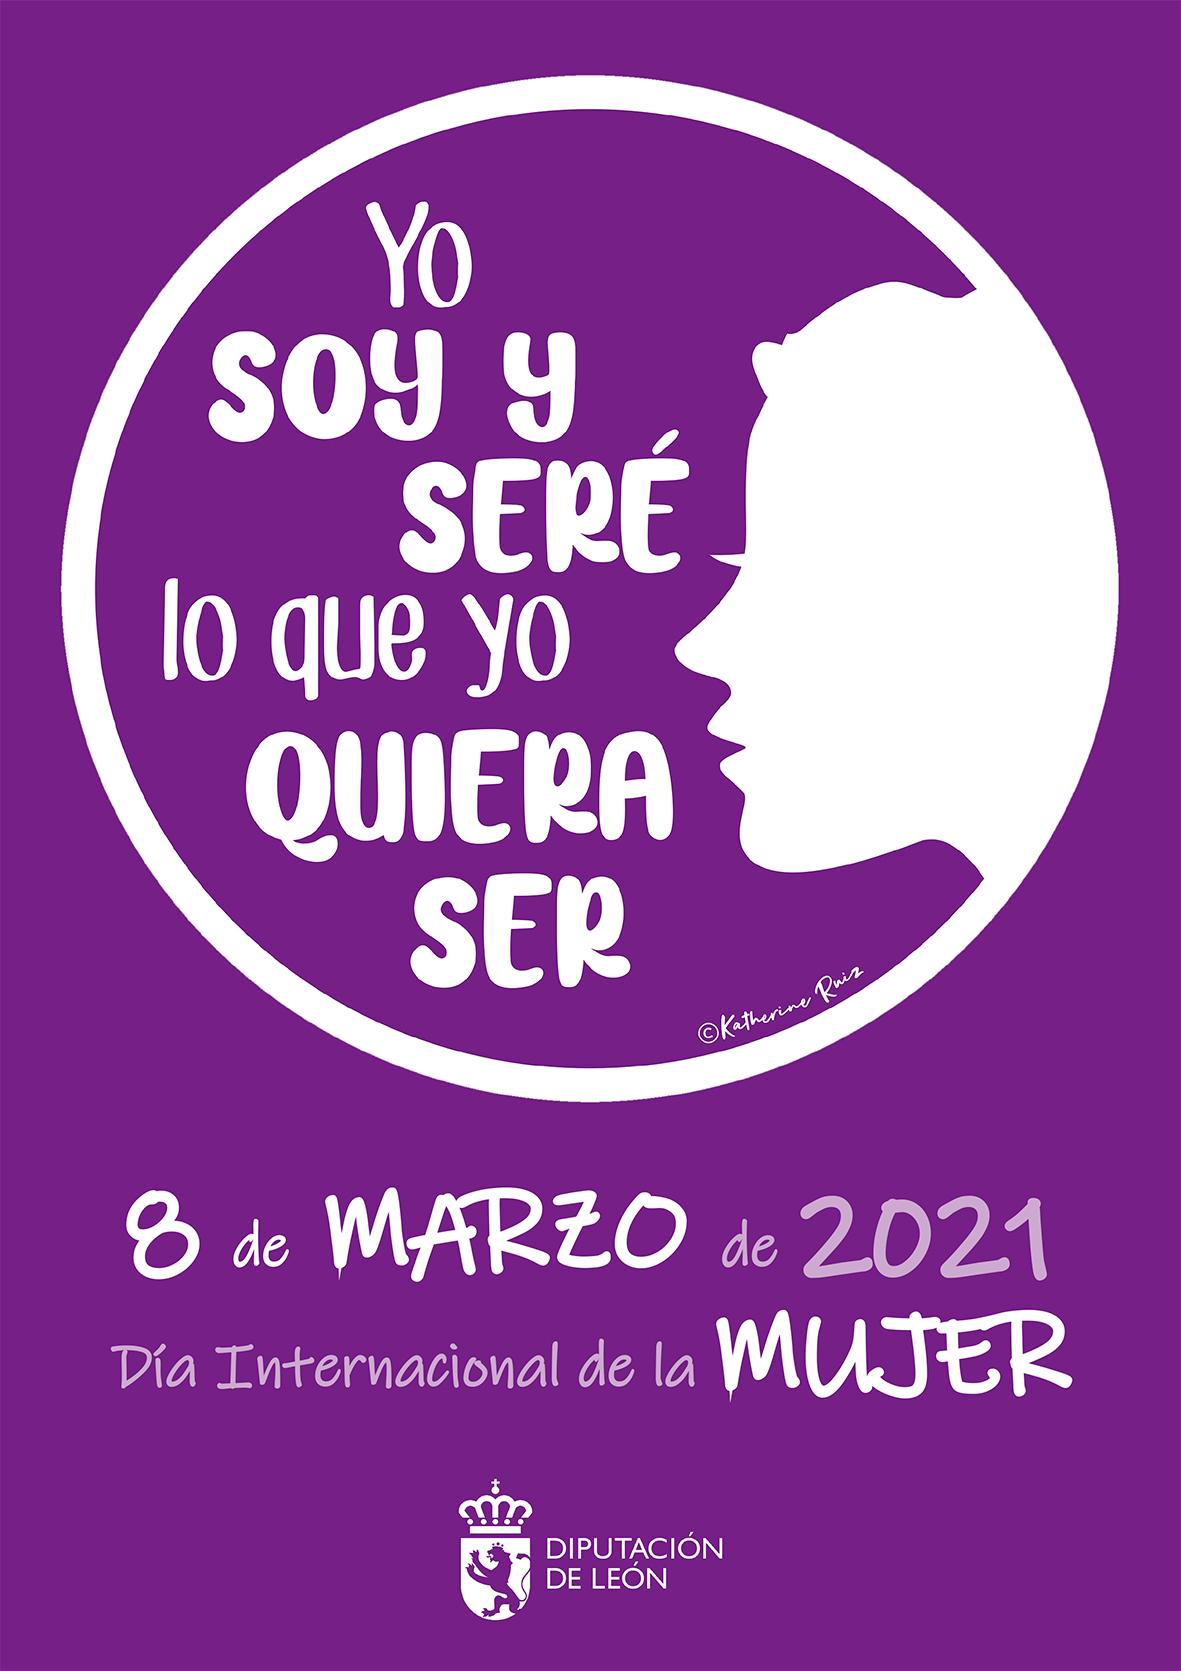 CONMEMORACIÓN DEL 8 DE MARZO, DÍA INTERNACIONAL DE LA MUJER.